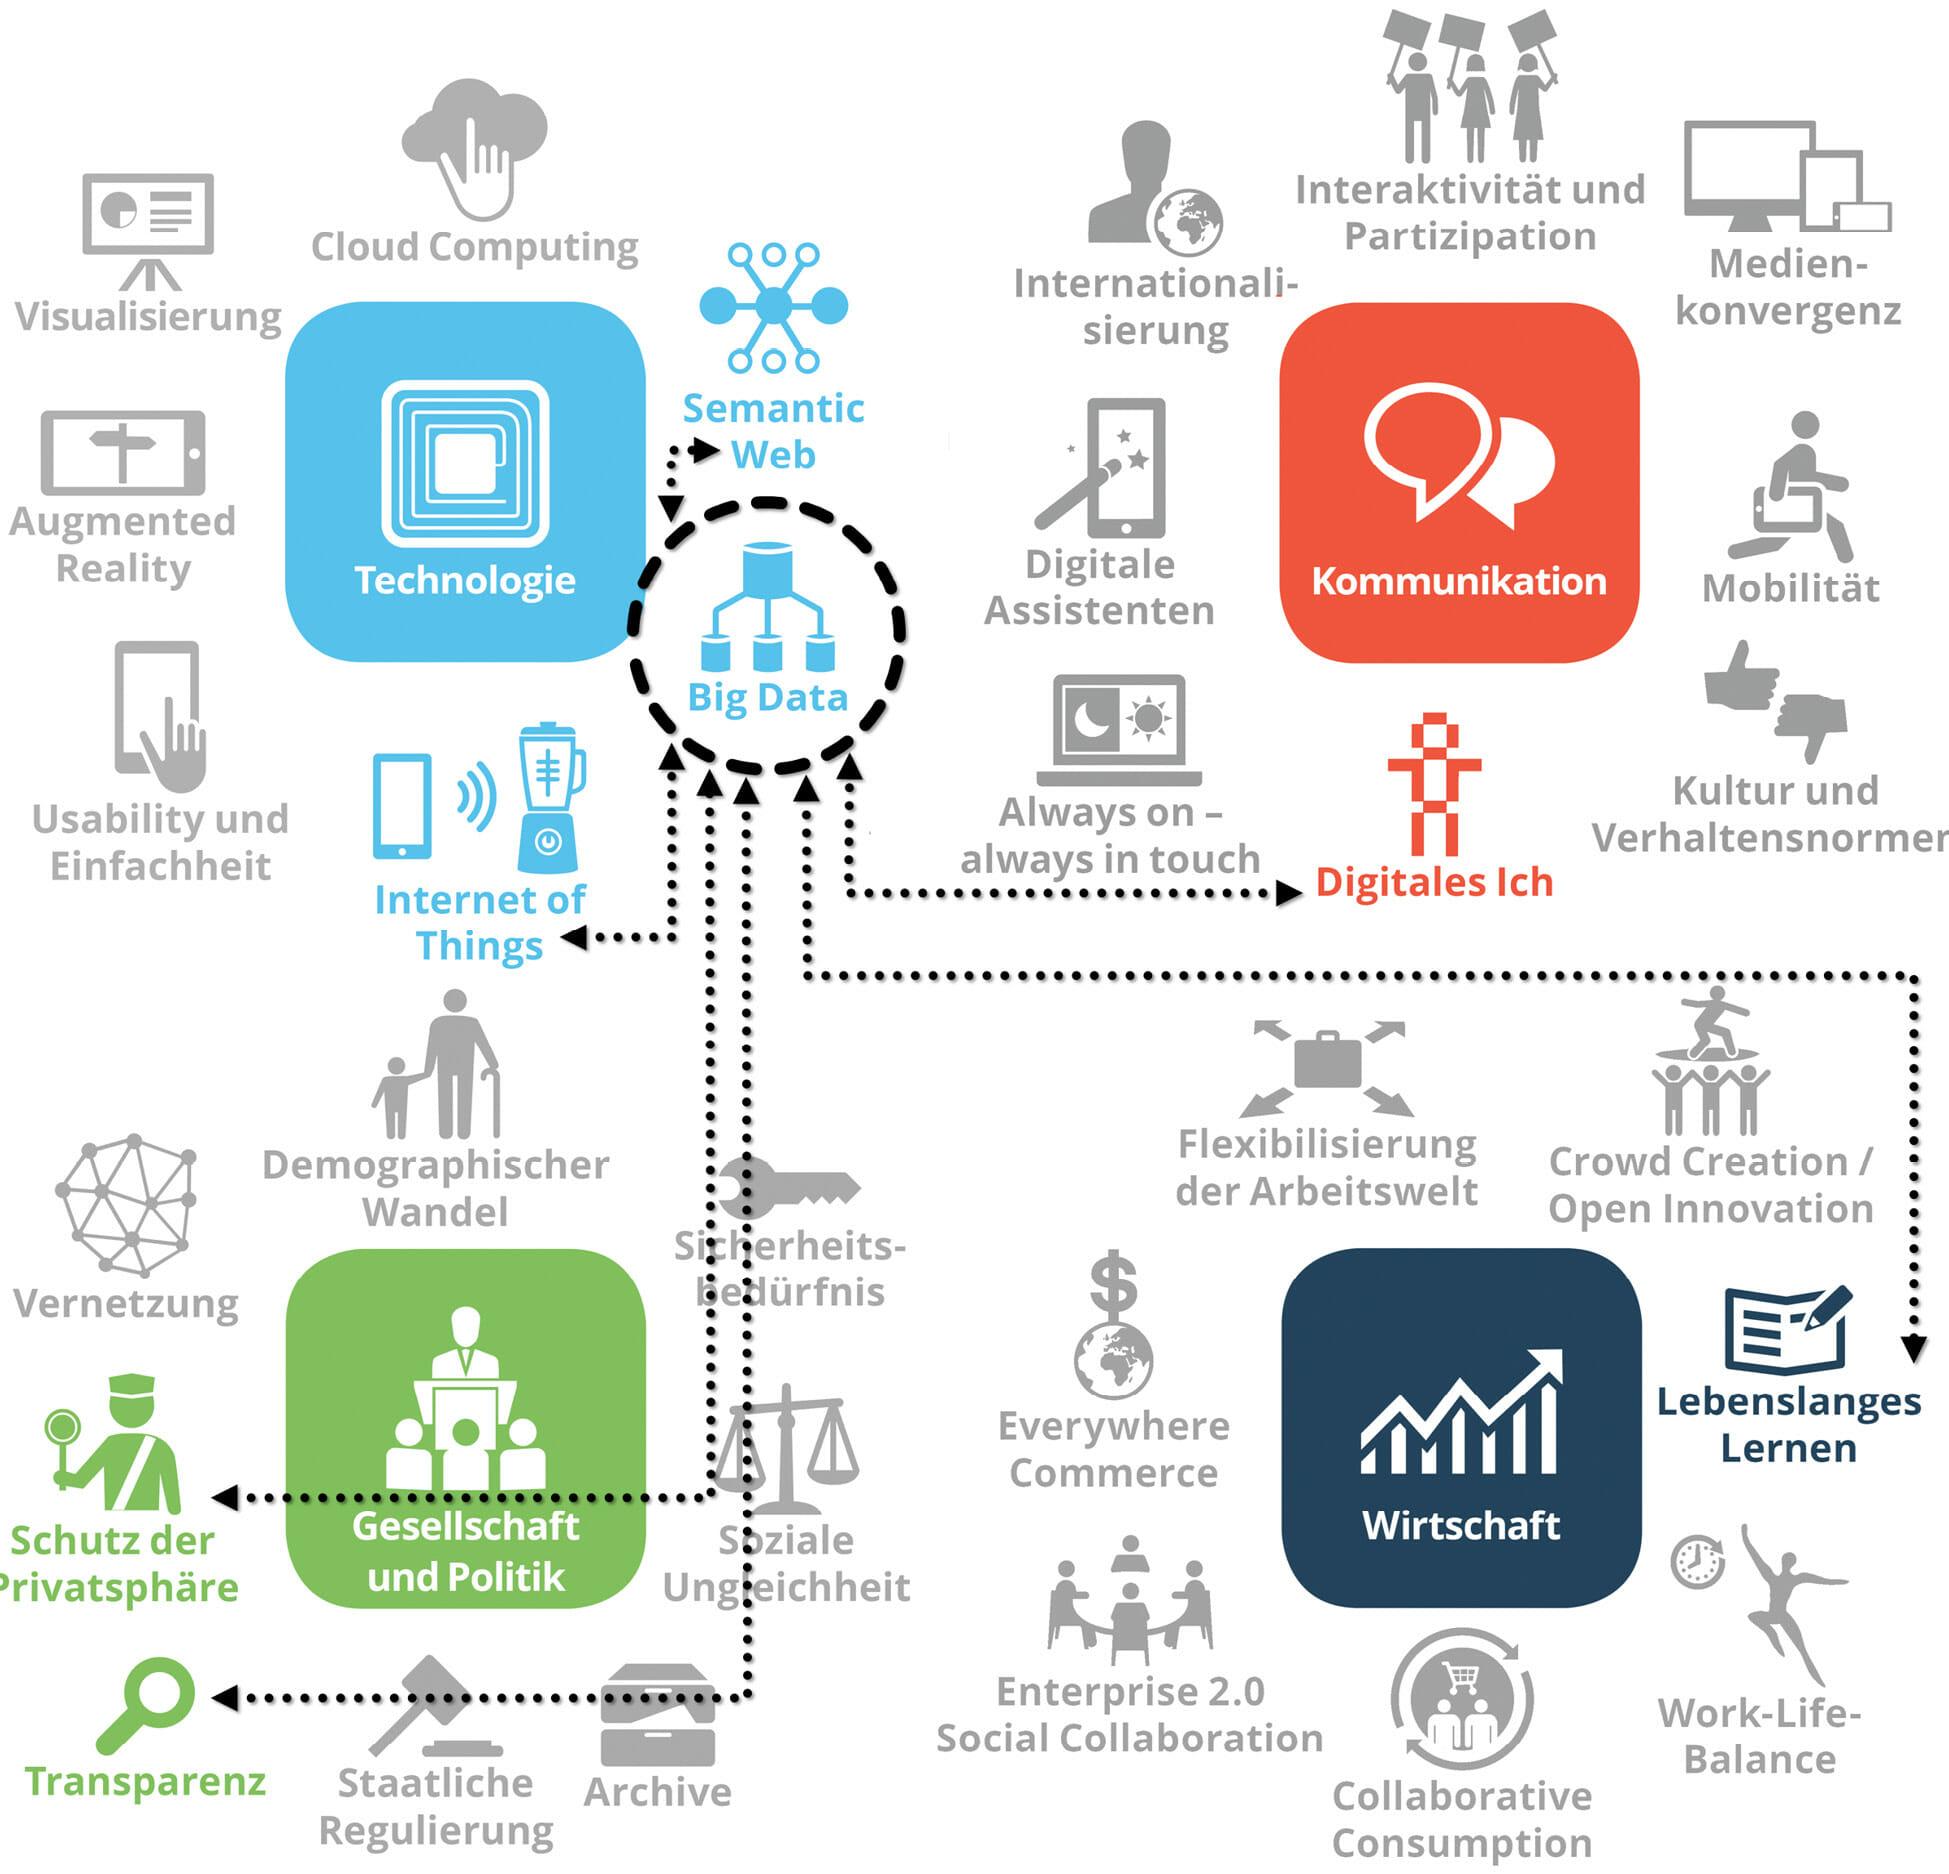 Big Data als Schlüsselfaktor der digitalen Kommunikation